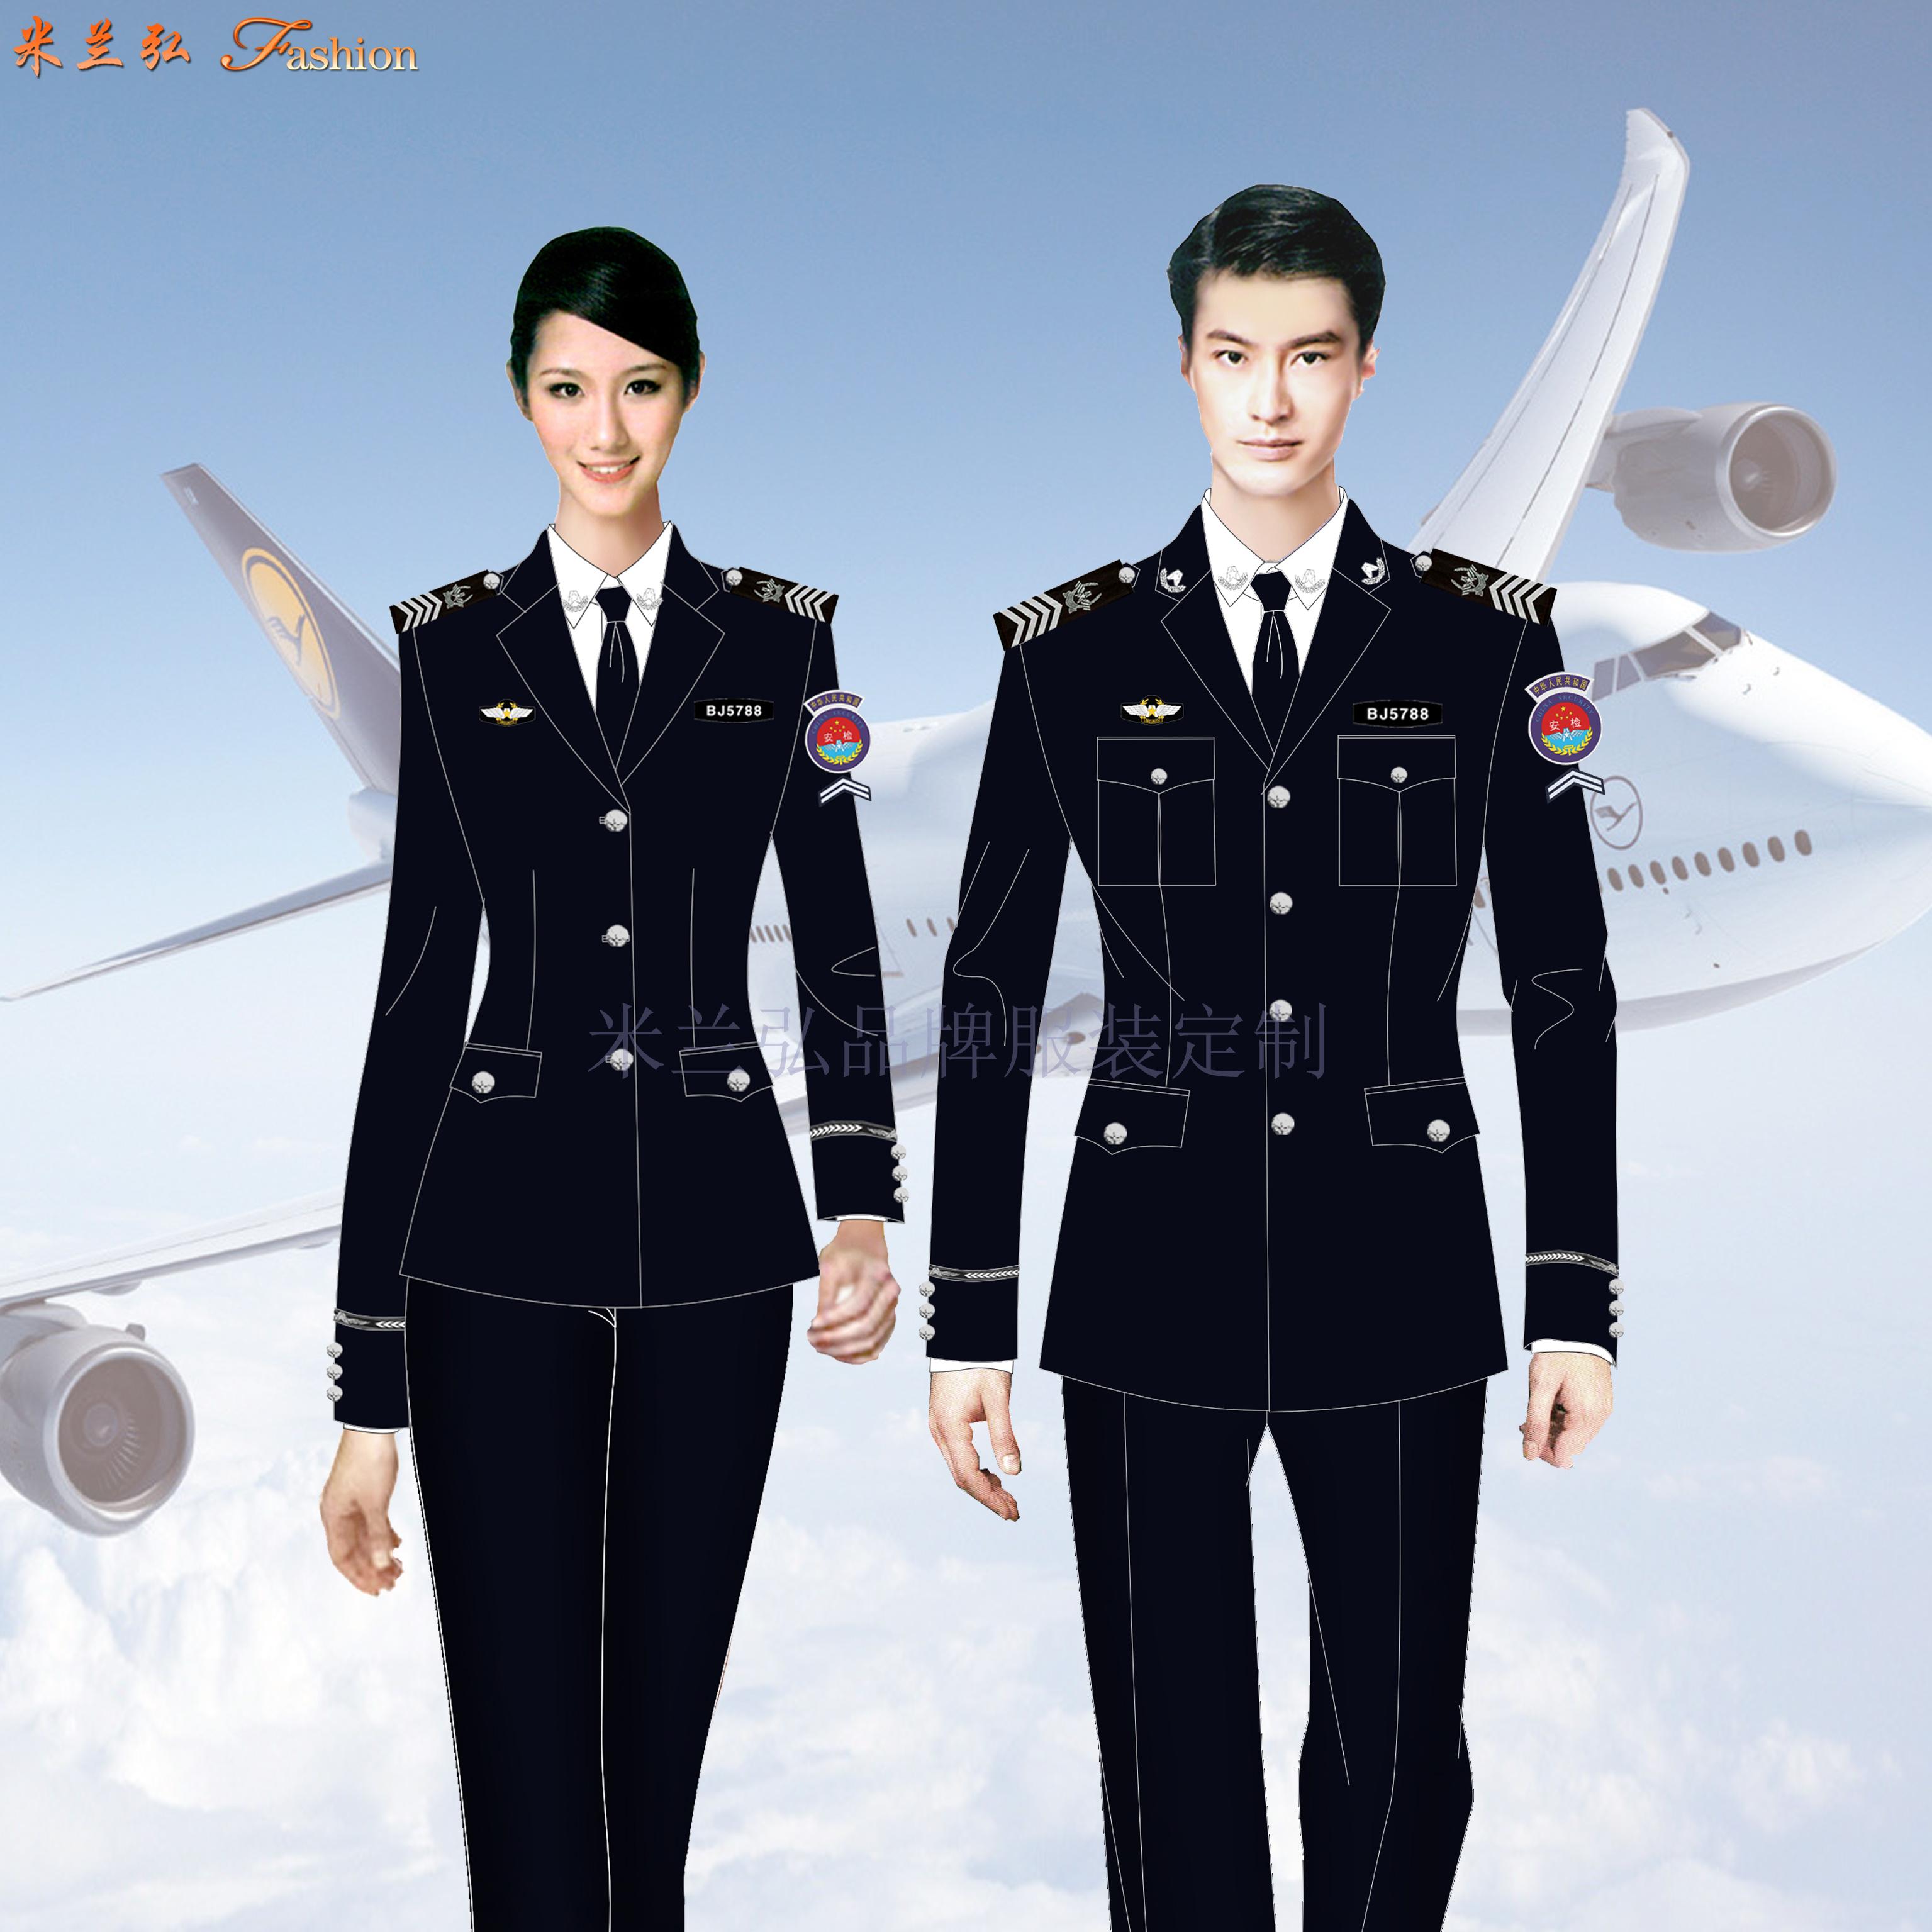 「機場10CA式安檢服定制」圖片_價格_面料_方法_廠家-1